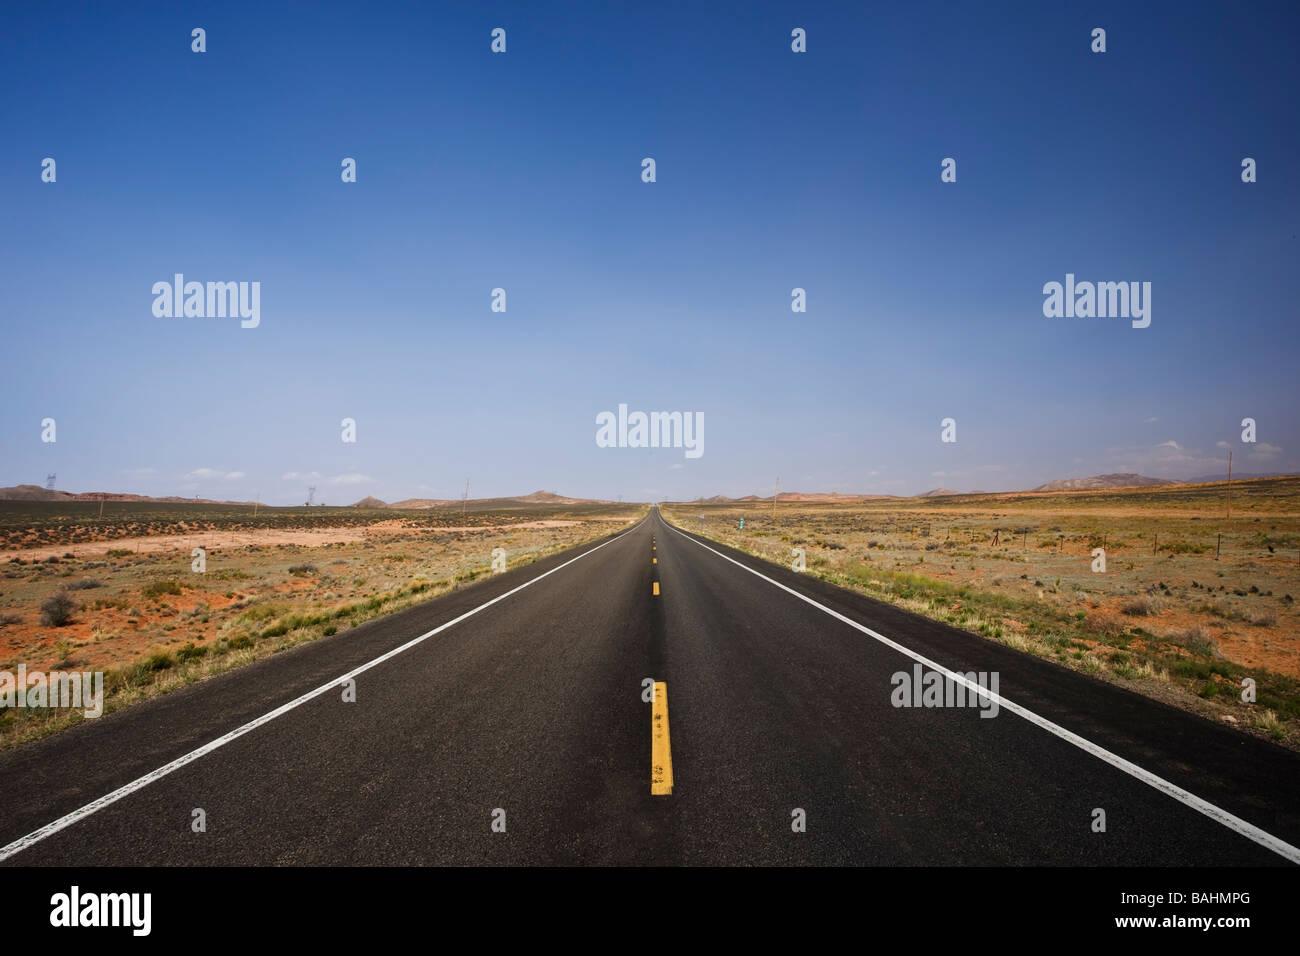 La route asphaltée en marche tout droit sur des kilomètres à l'horizon Photo Stock